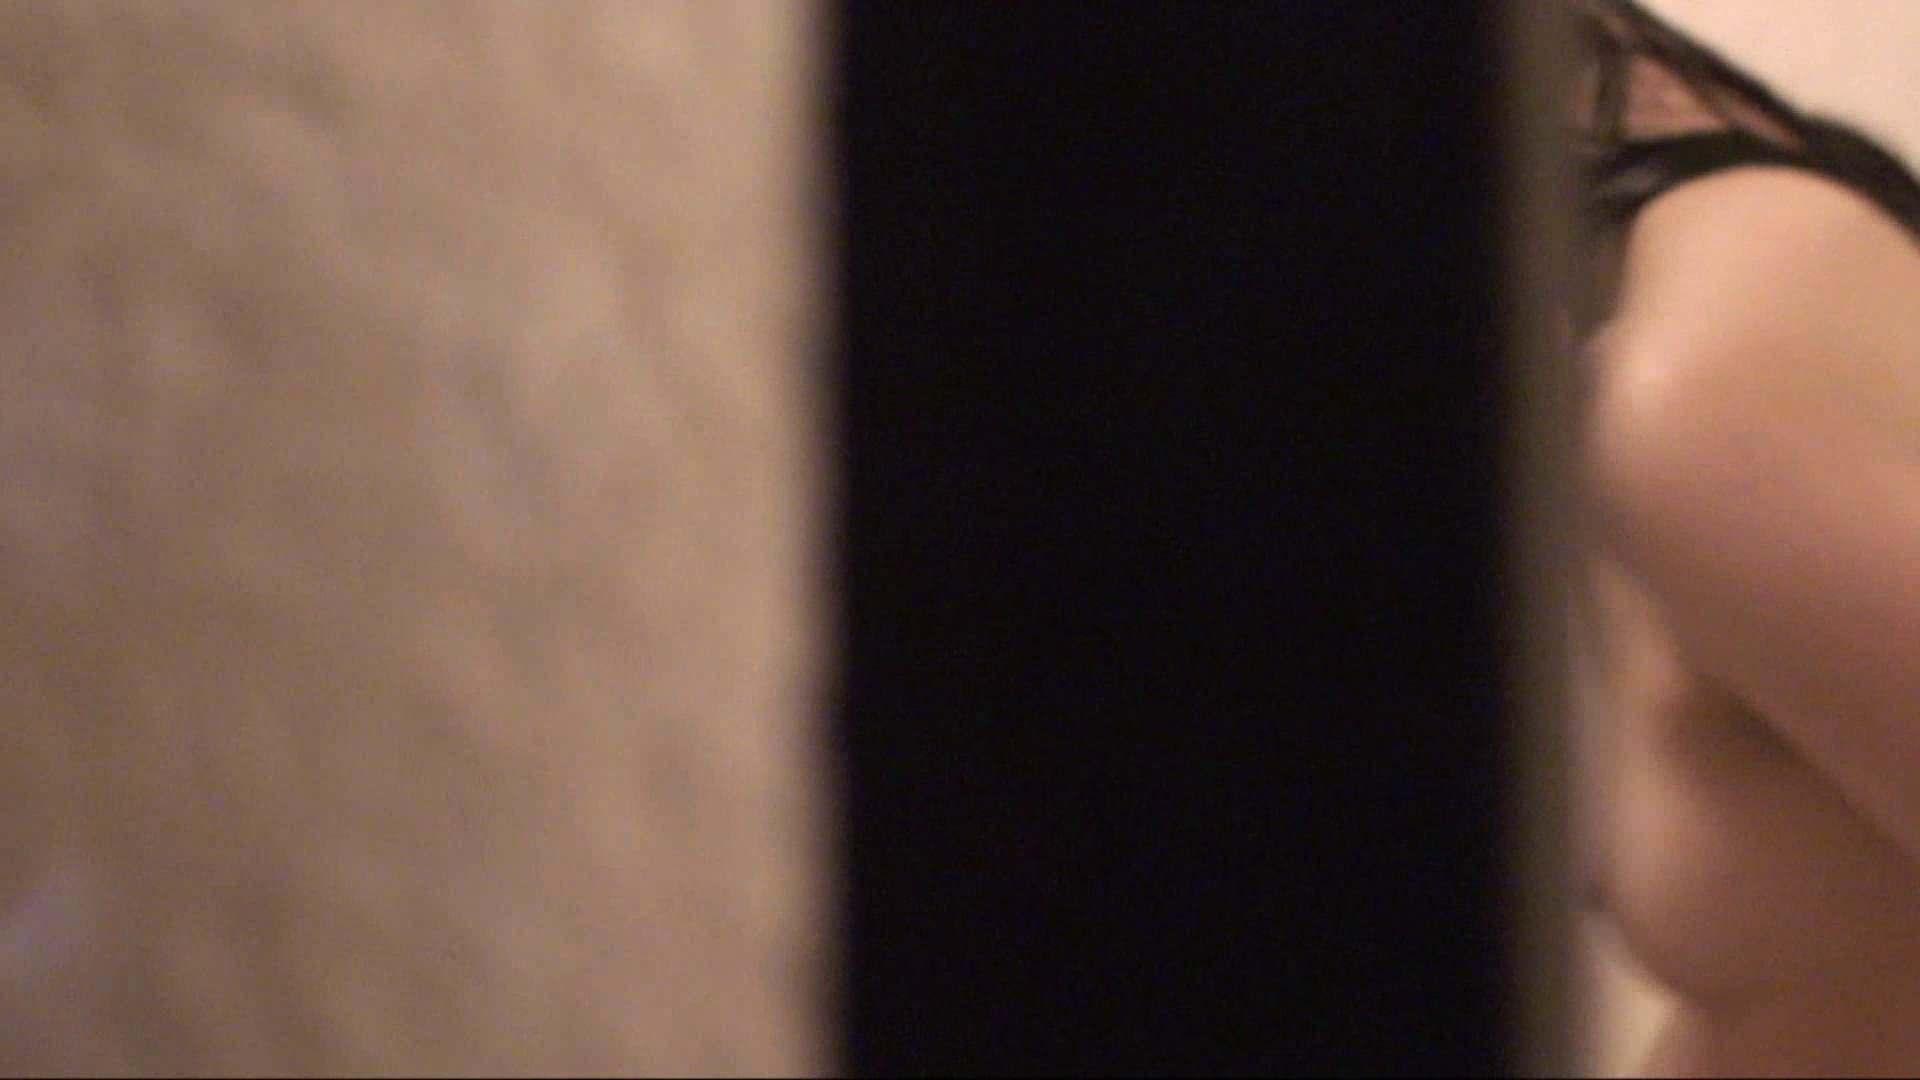 vol.01必見!白肌嬢の乳首が丸見え。極上美人のすっぴん顔をハイビジョンで! 民家  89pic 56